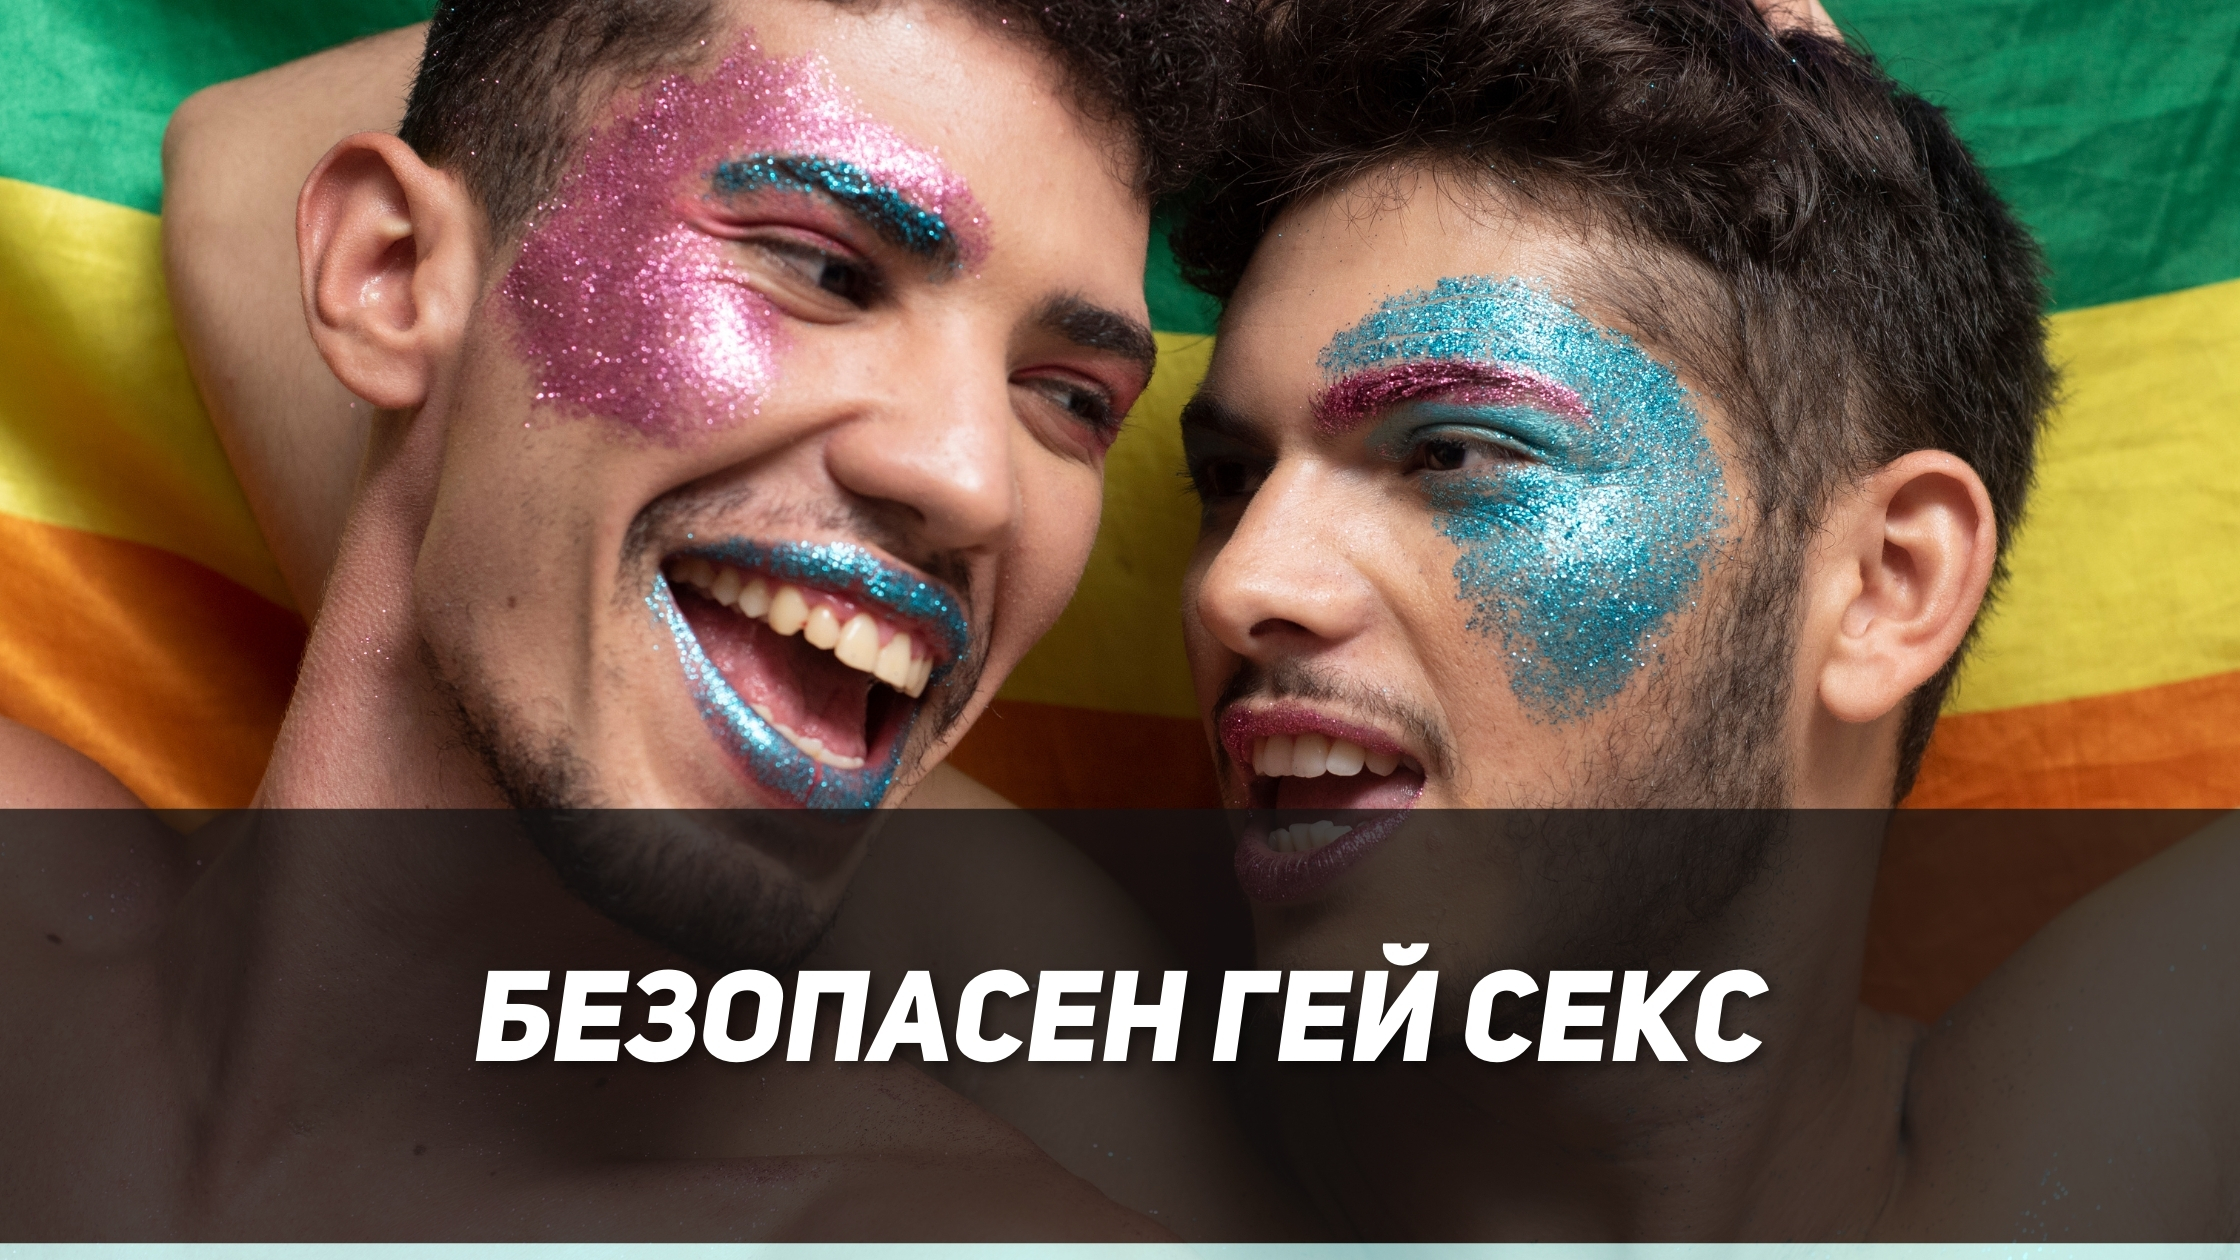 Безопасен гей секс